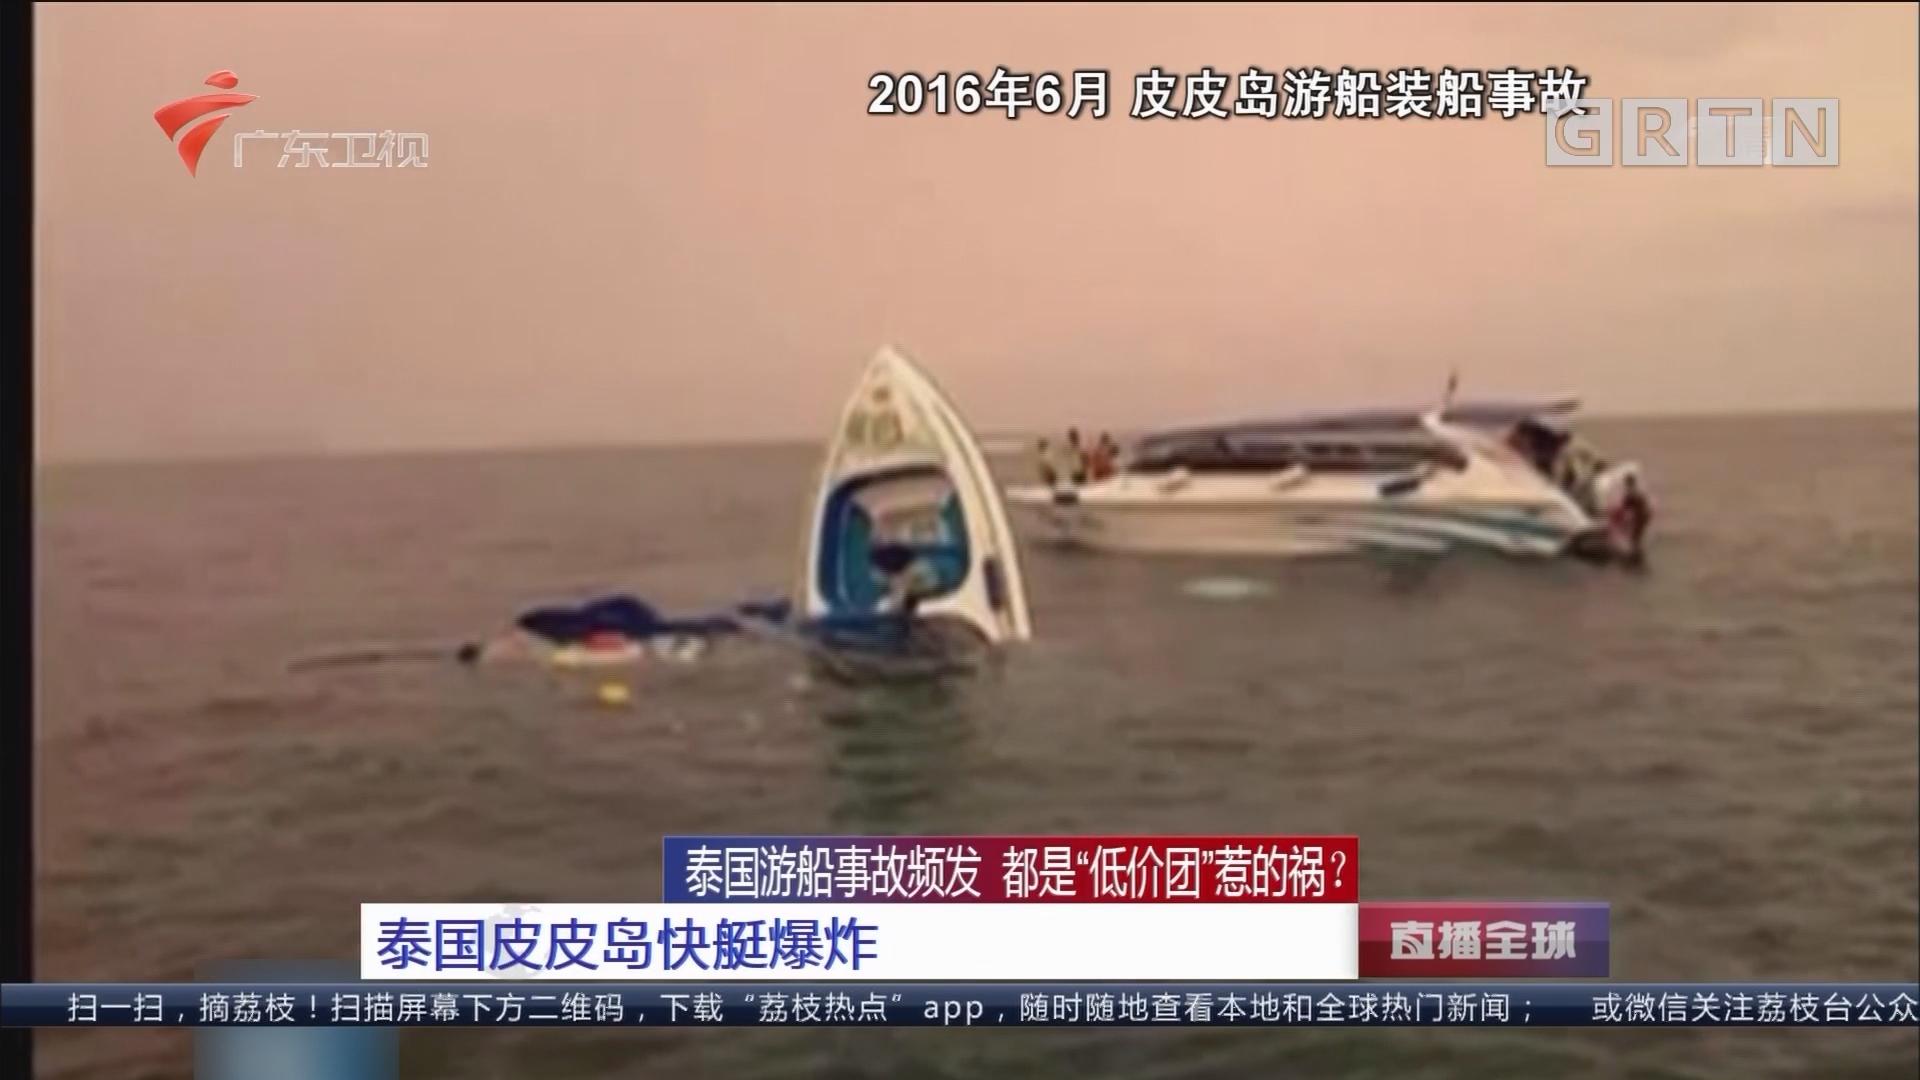 """泰国游船事故频发 都是""""低价团""""惹的祸? 泰国皮皮岛快艇爆炸"""